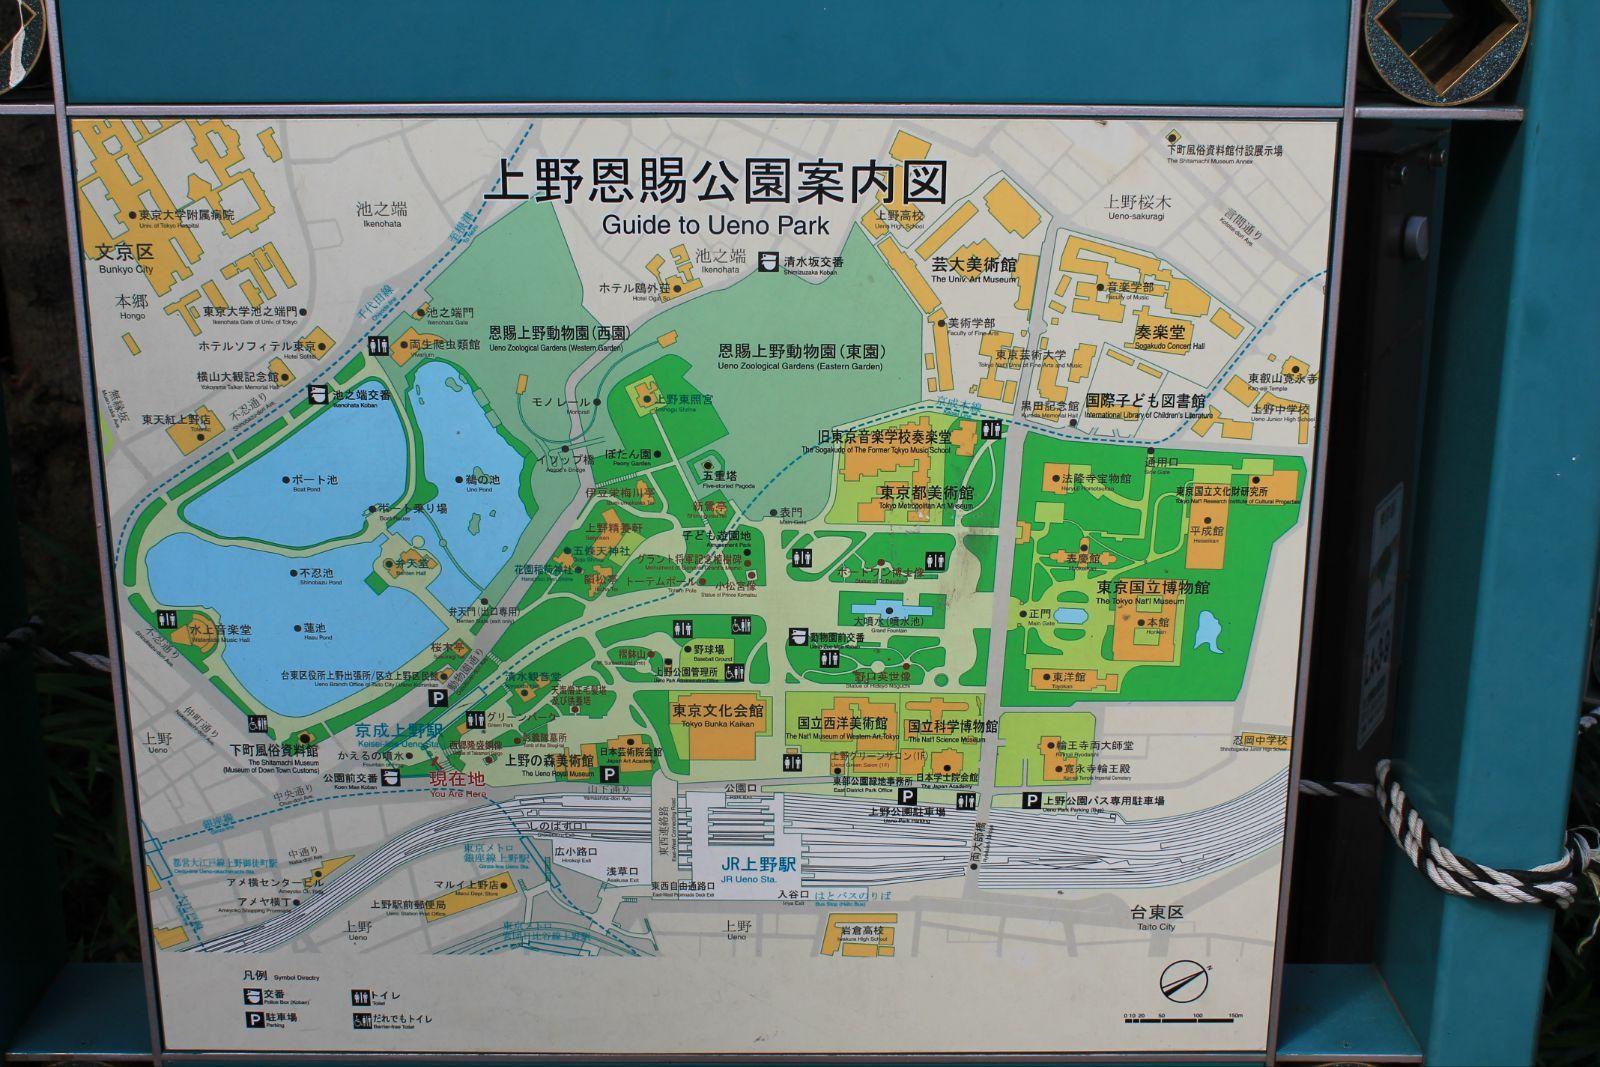 地图 1600_1067